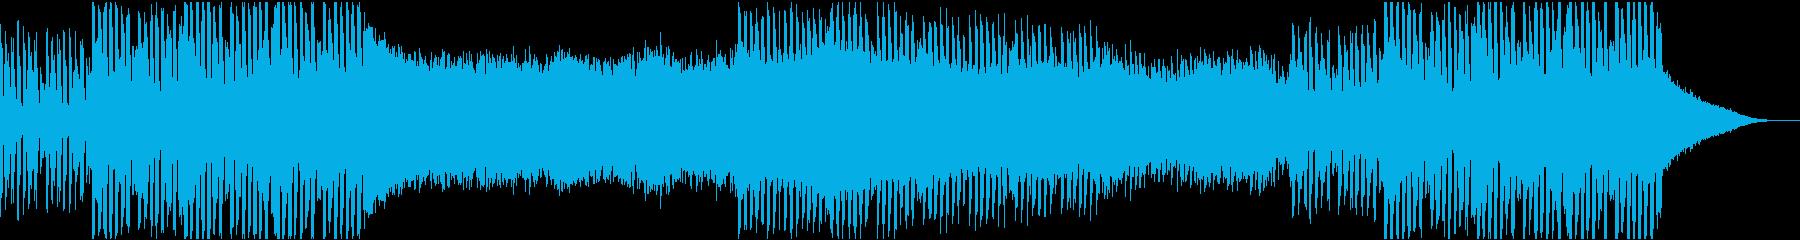 【トランス】力強く、緩急もある曲調の再生済みの波形